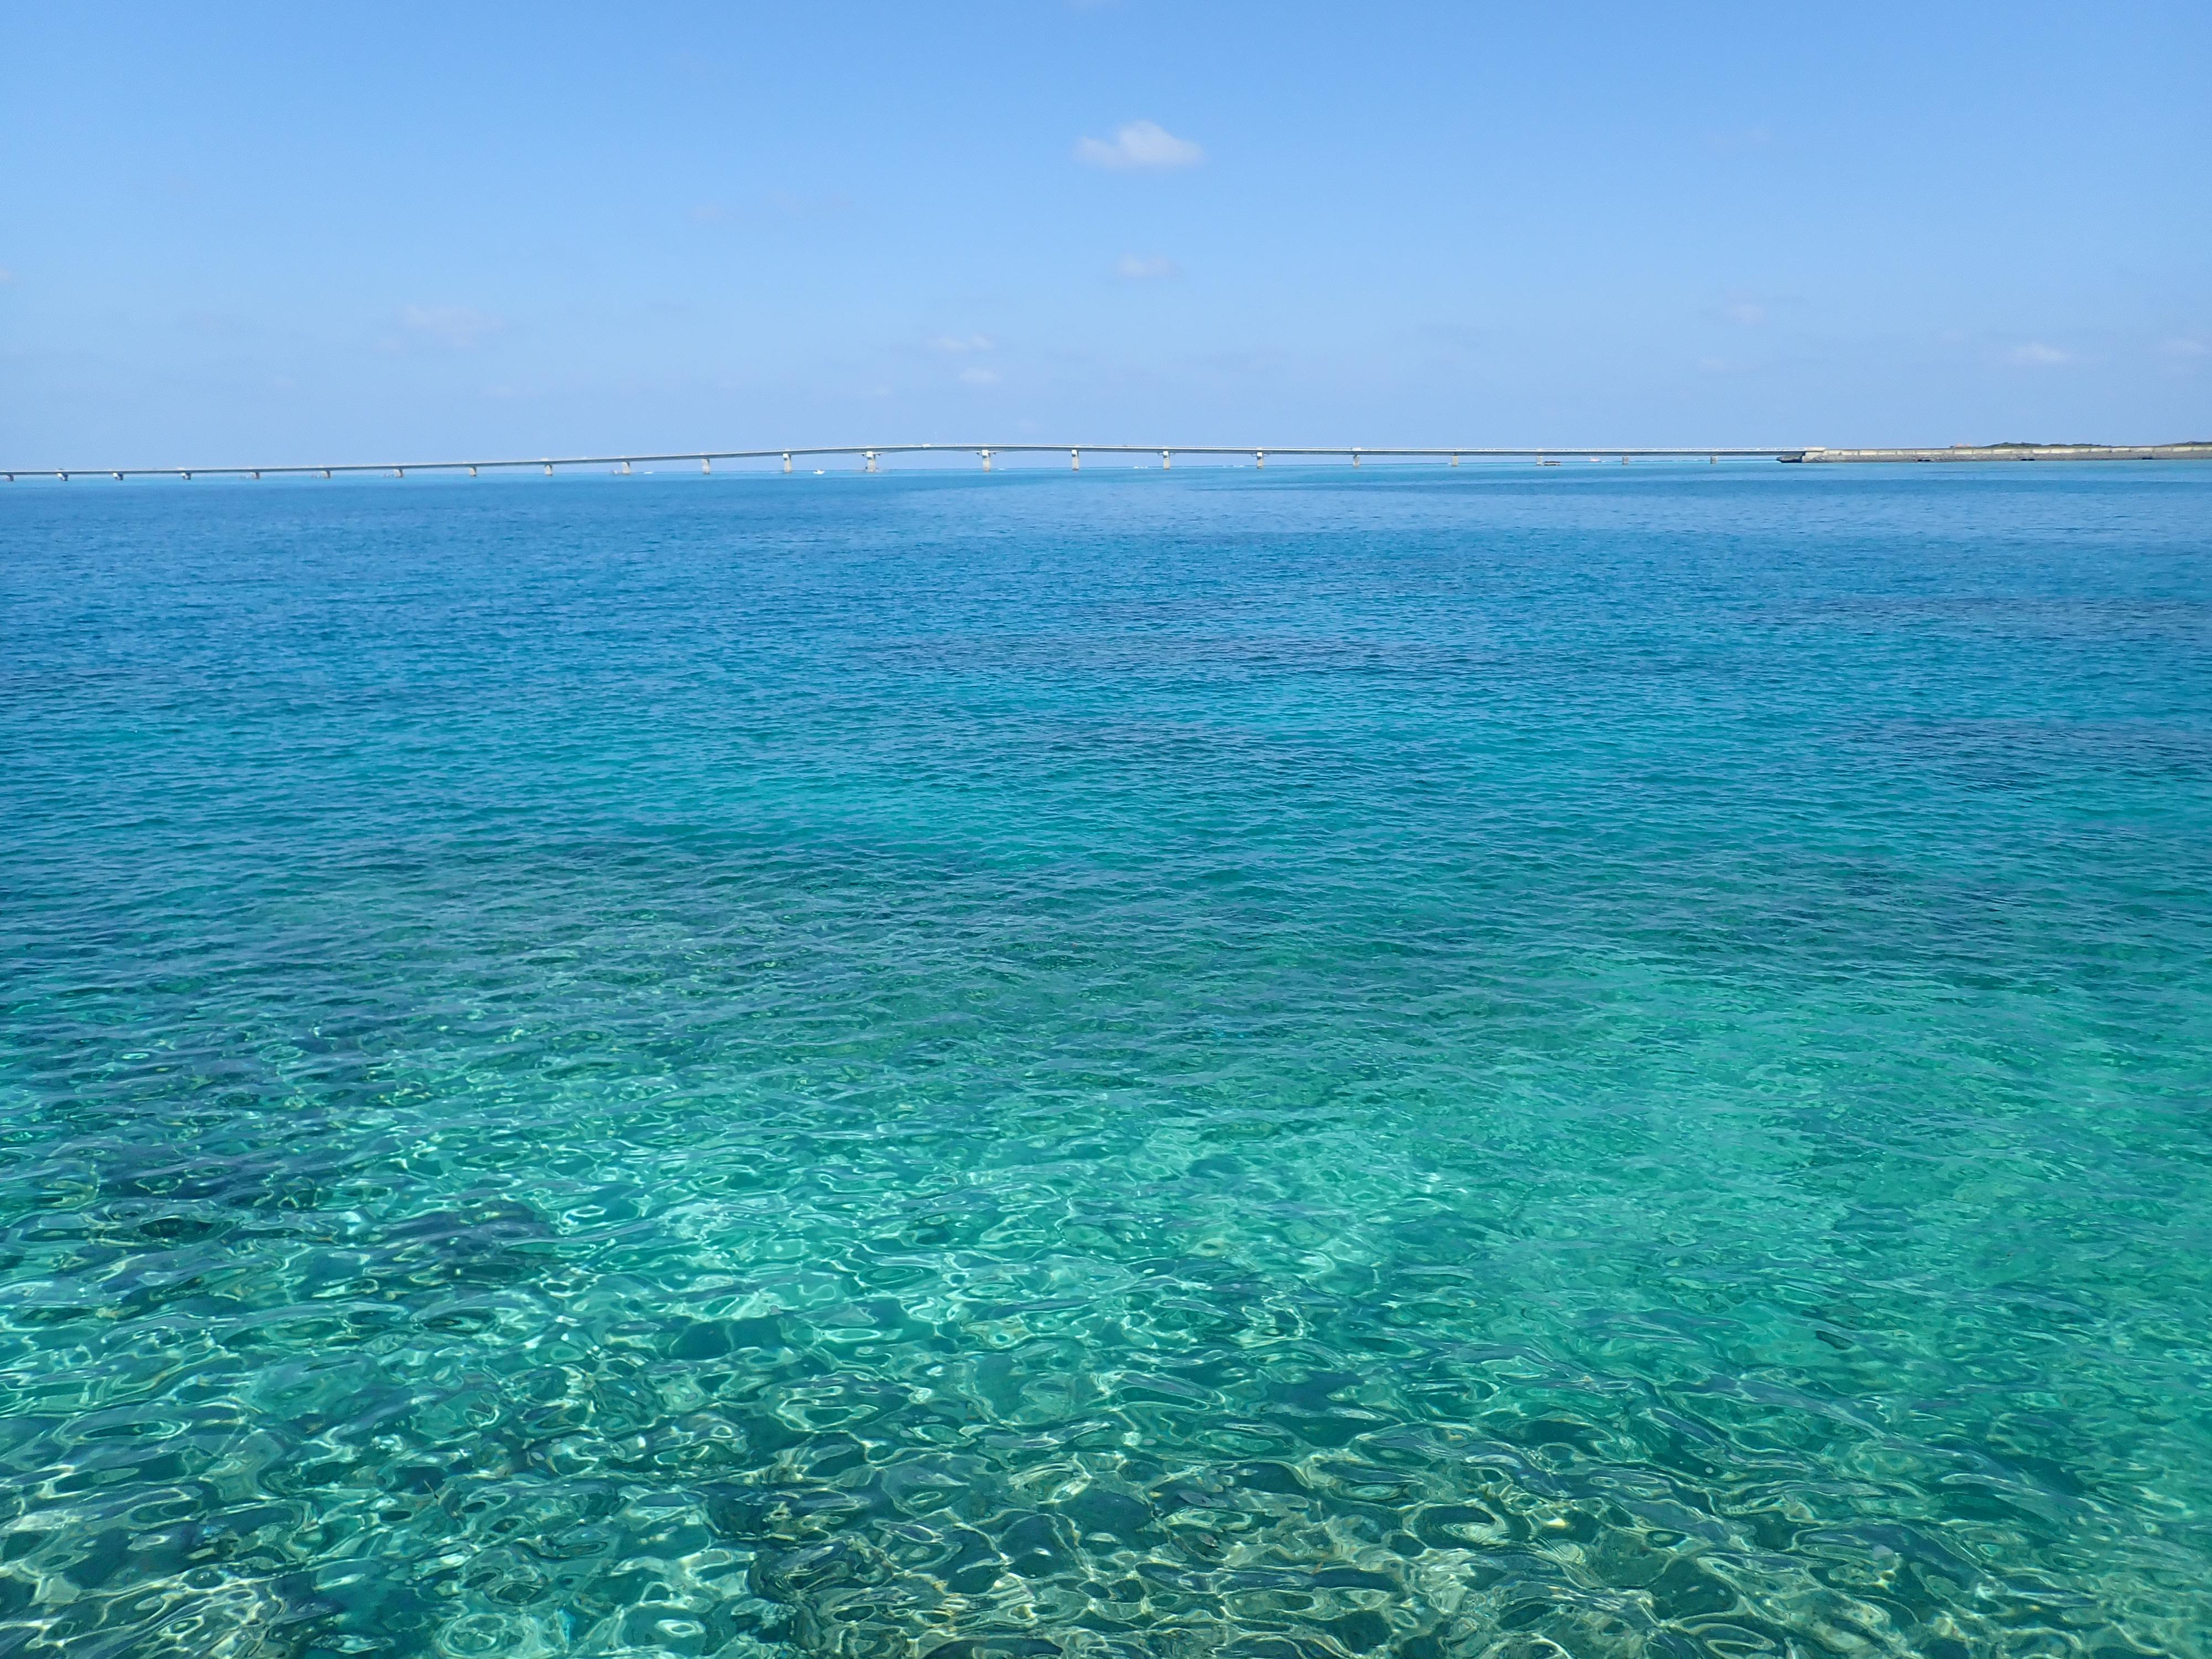 西平安名崎から見る池間島